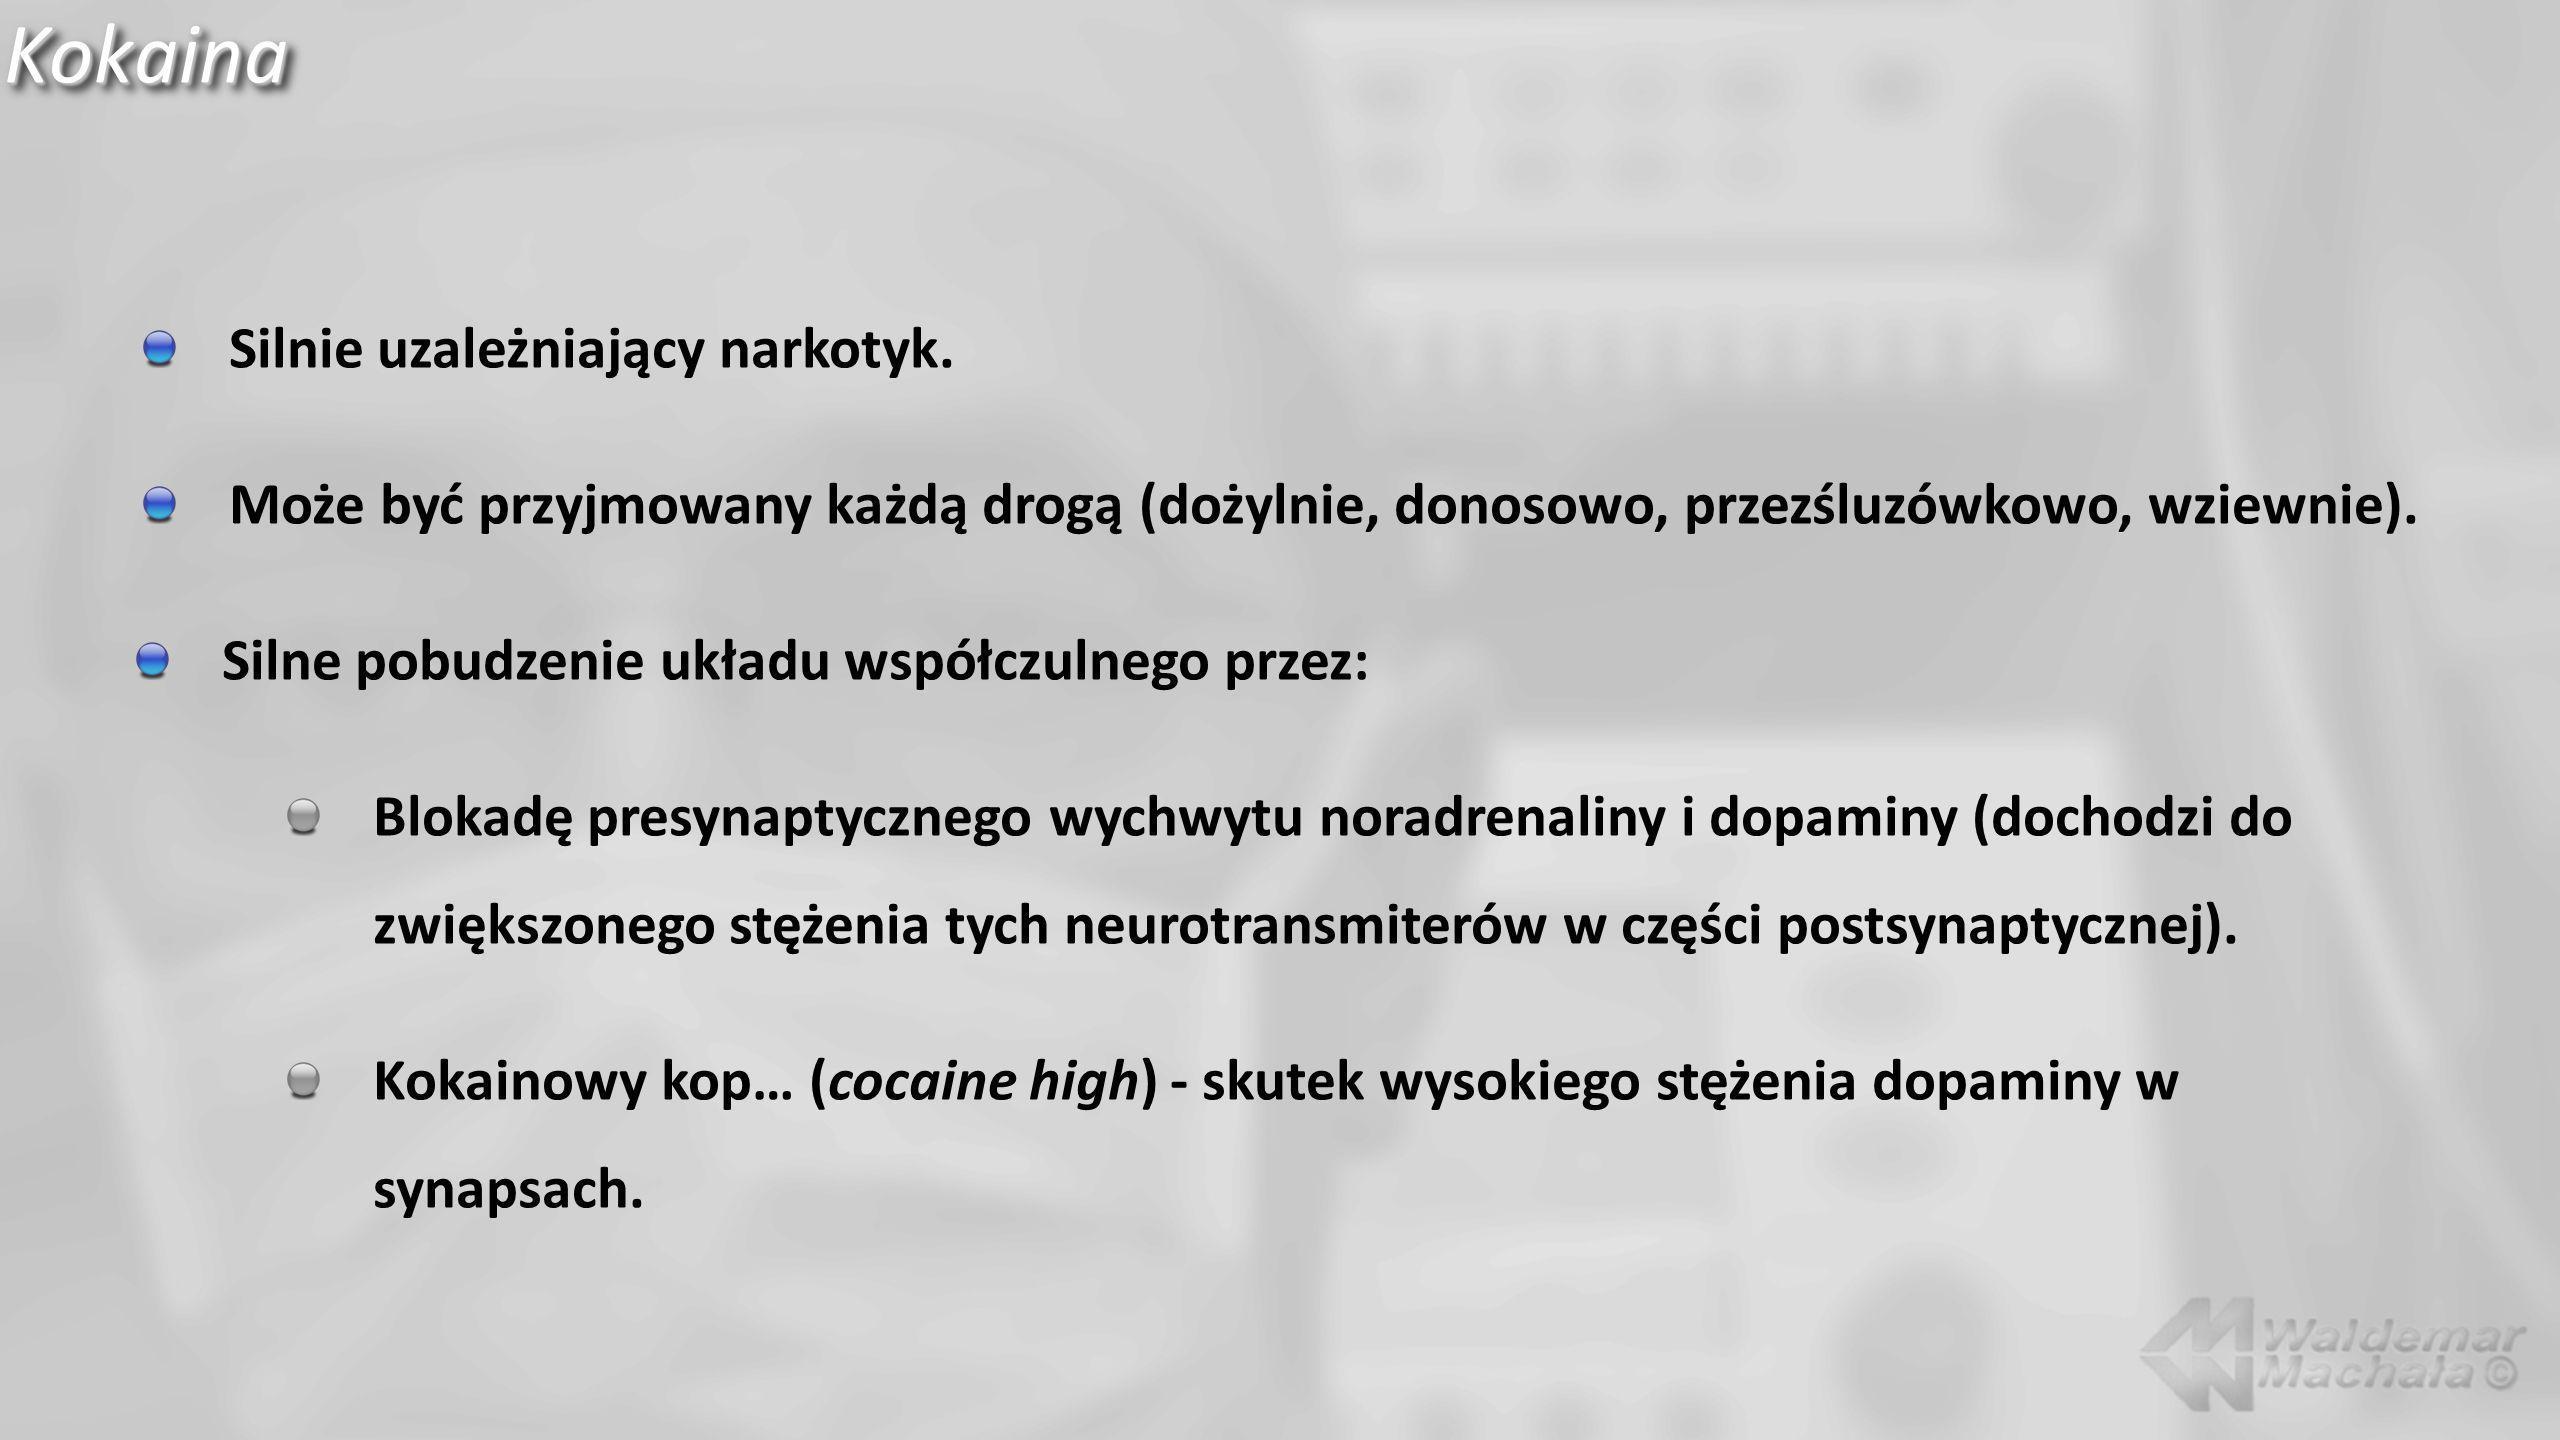 Kokaina Silnie uzależniający narkotyk.